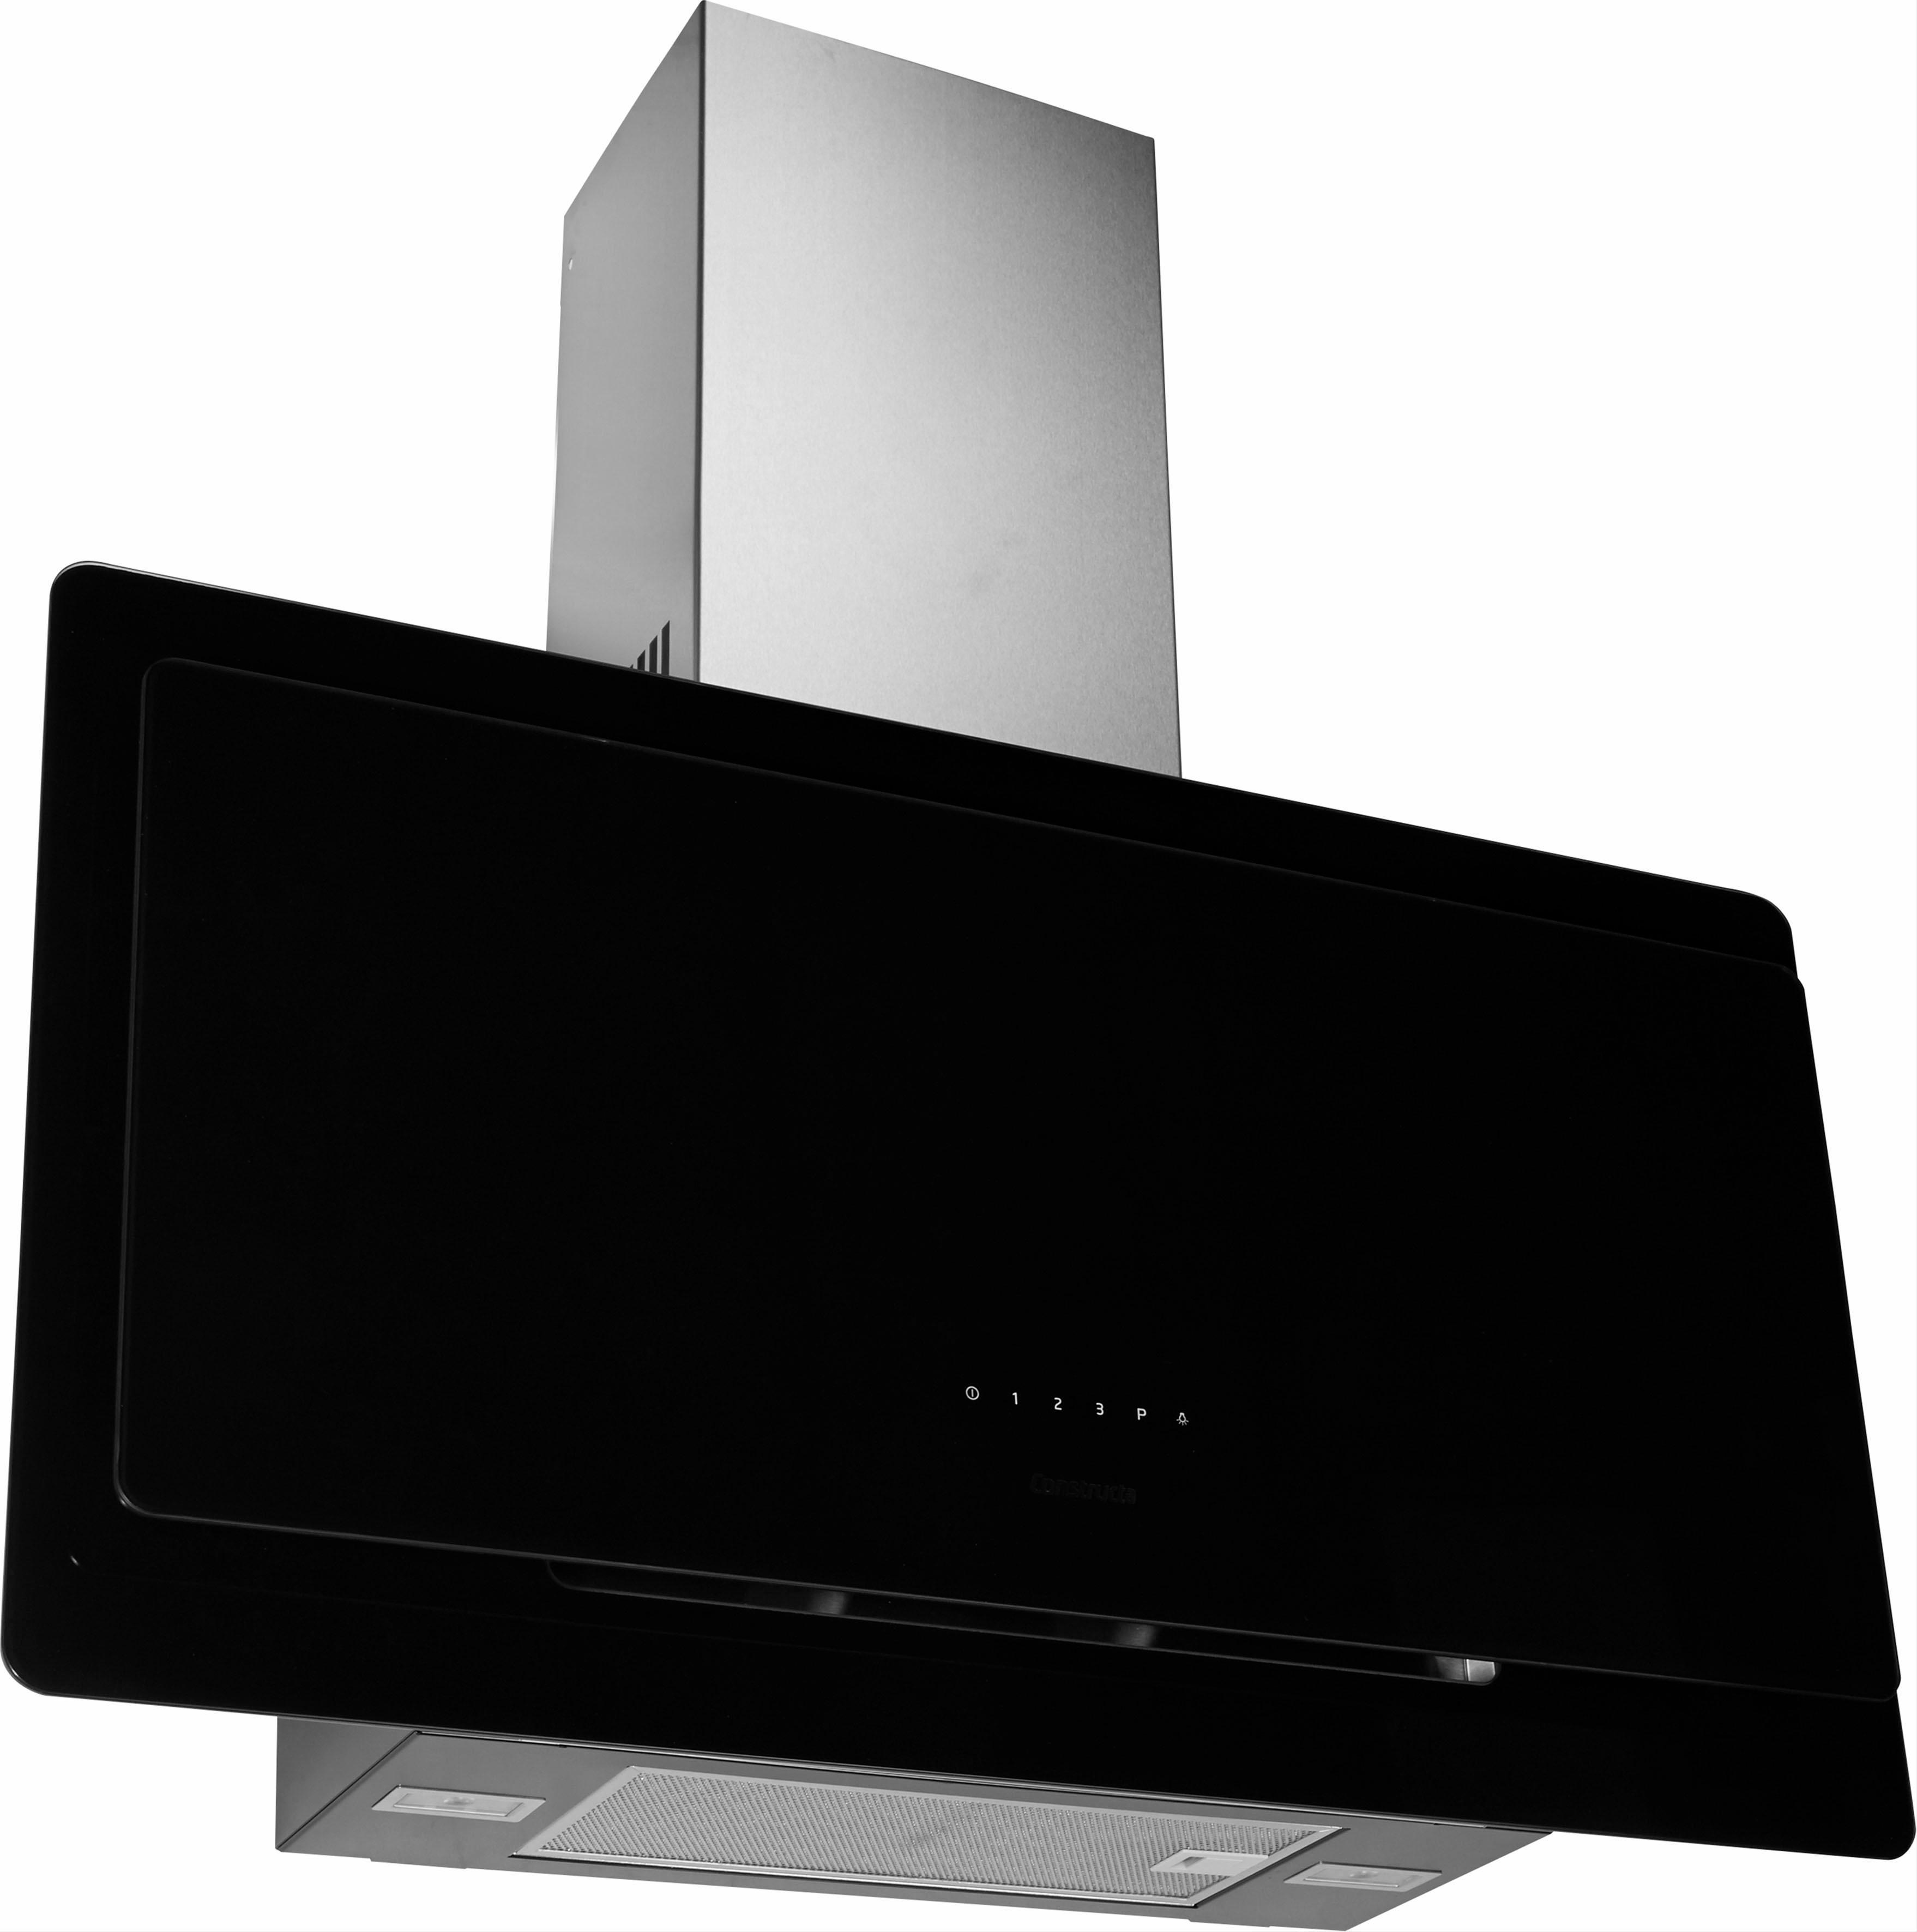 Constructa Kopffreihaube CD699860 EEK A schwarz Kopffreihauben Dunstabzugshauben Haushaltsgeräte Dunstabzugshaube